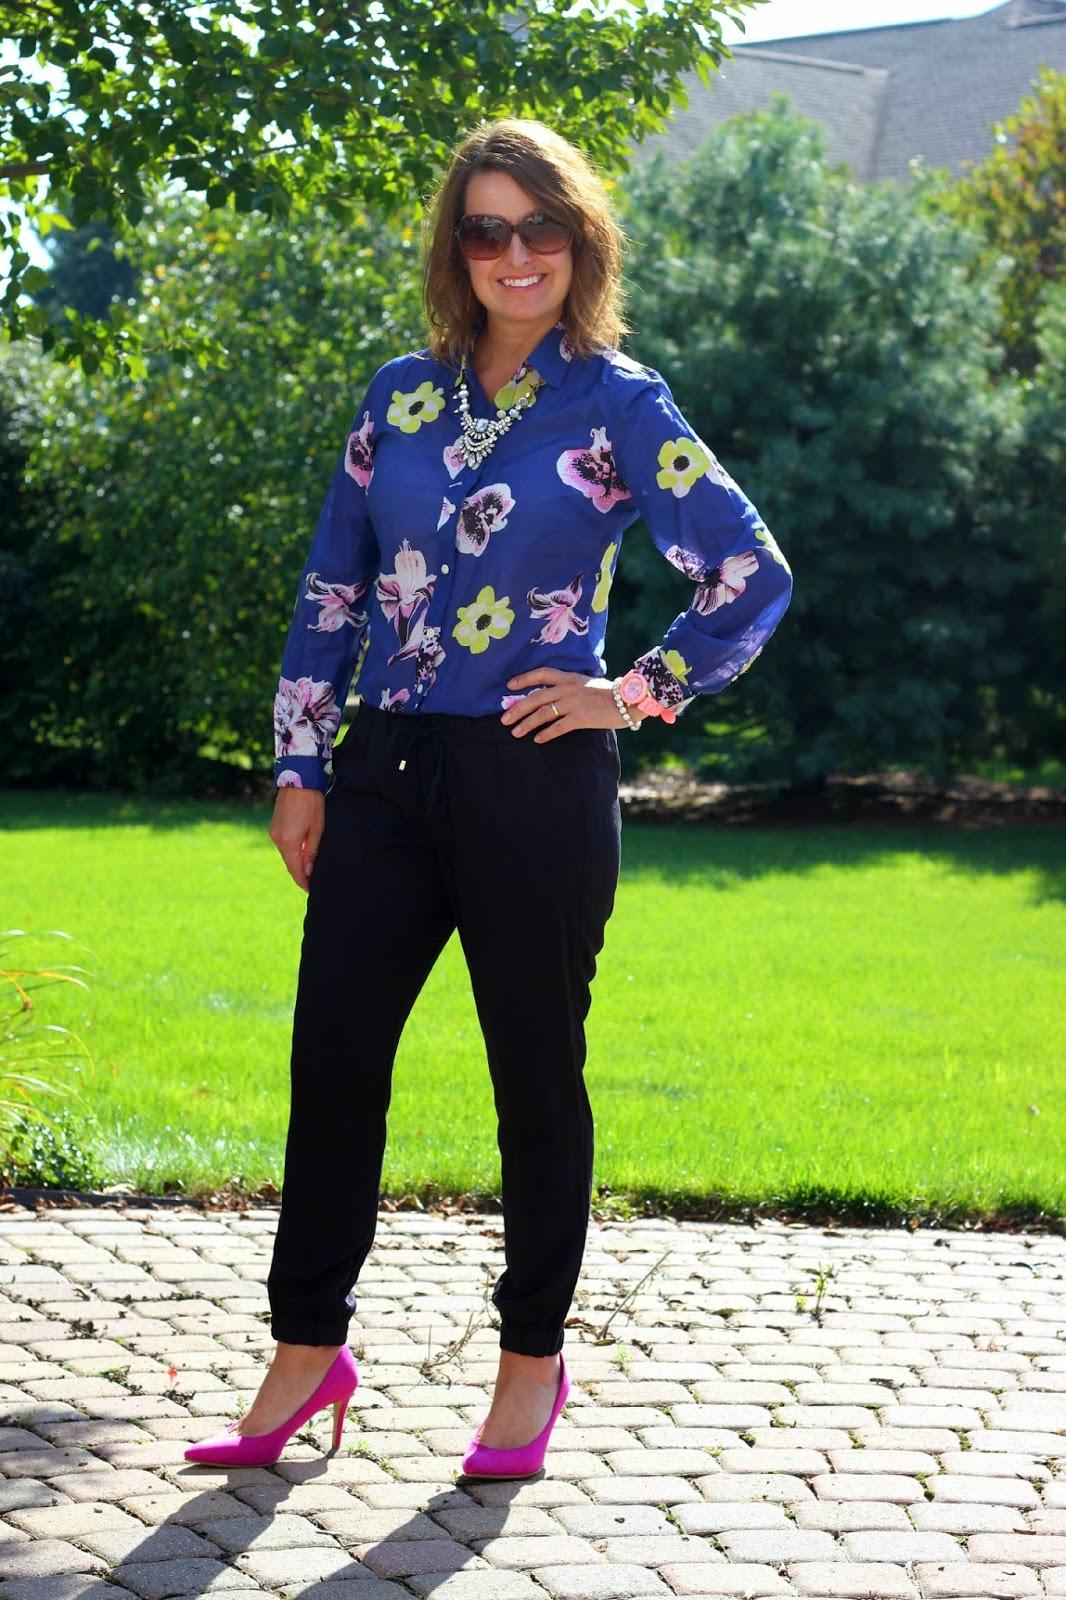 J Crew Factory floral print blouse, black drapey pants, joggers, pink pumps, statement necklace